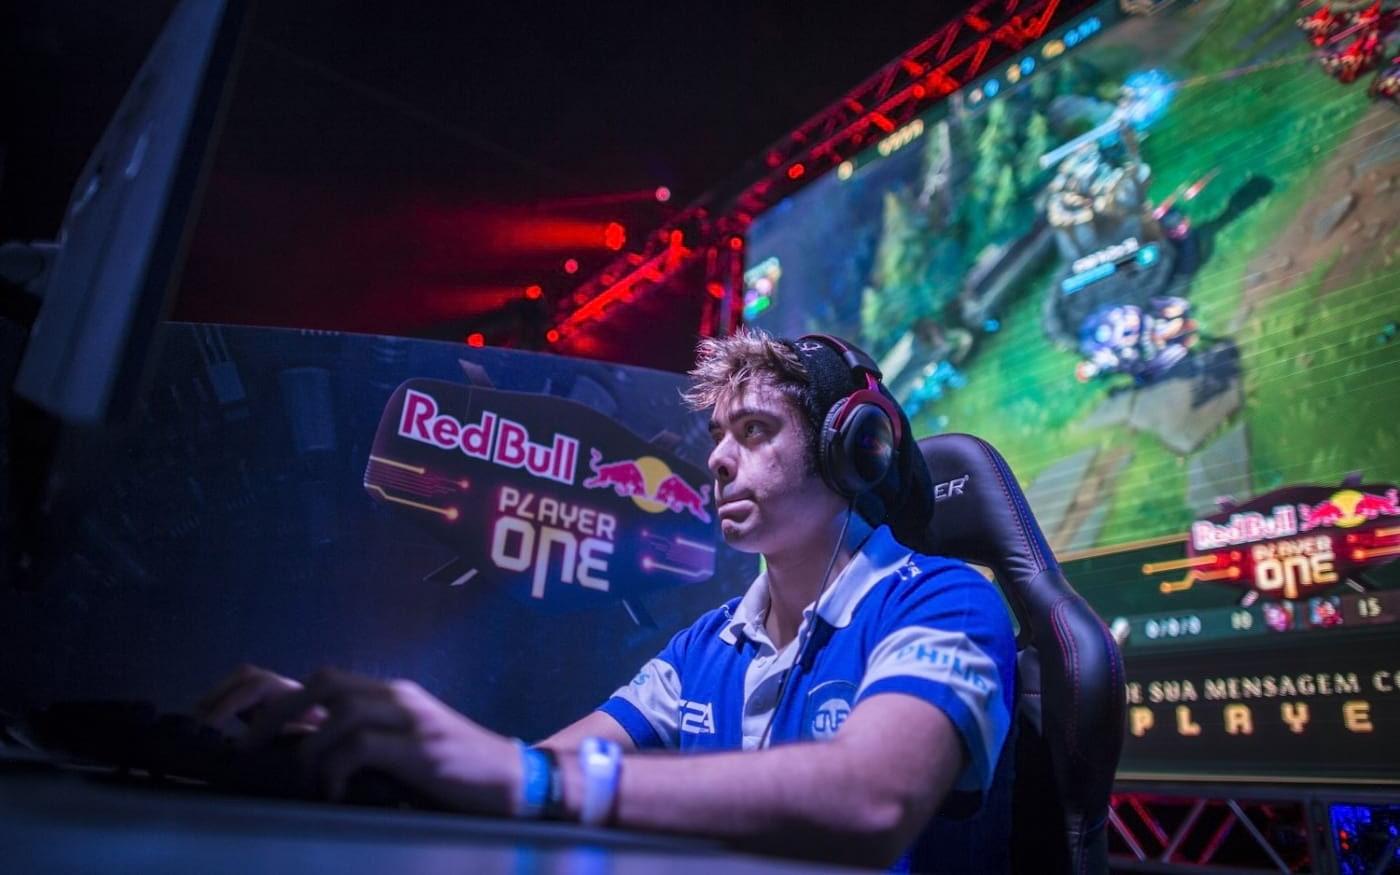 Final do torneio de League of Legends (LoL) Red Bull Player One acontece neste final de semana